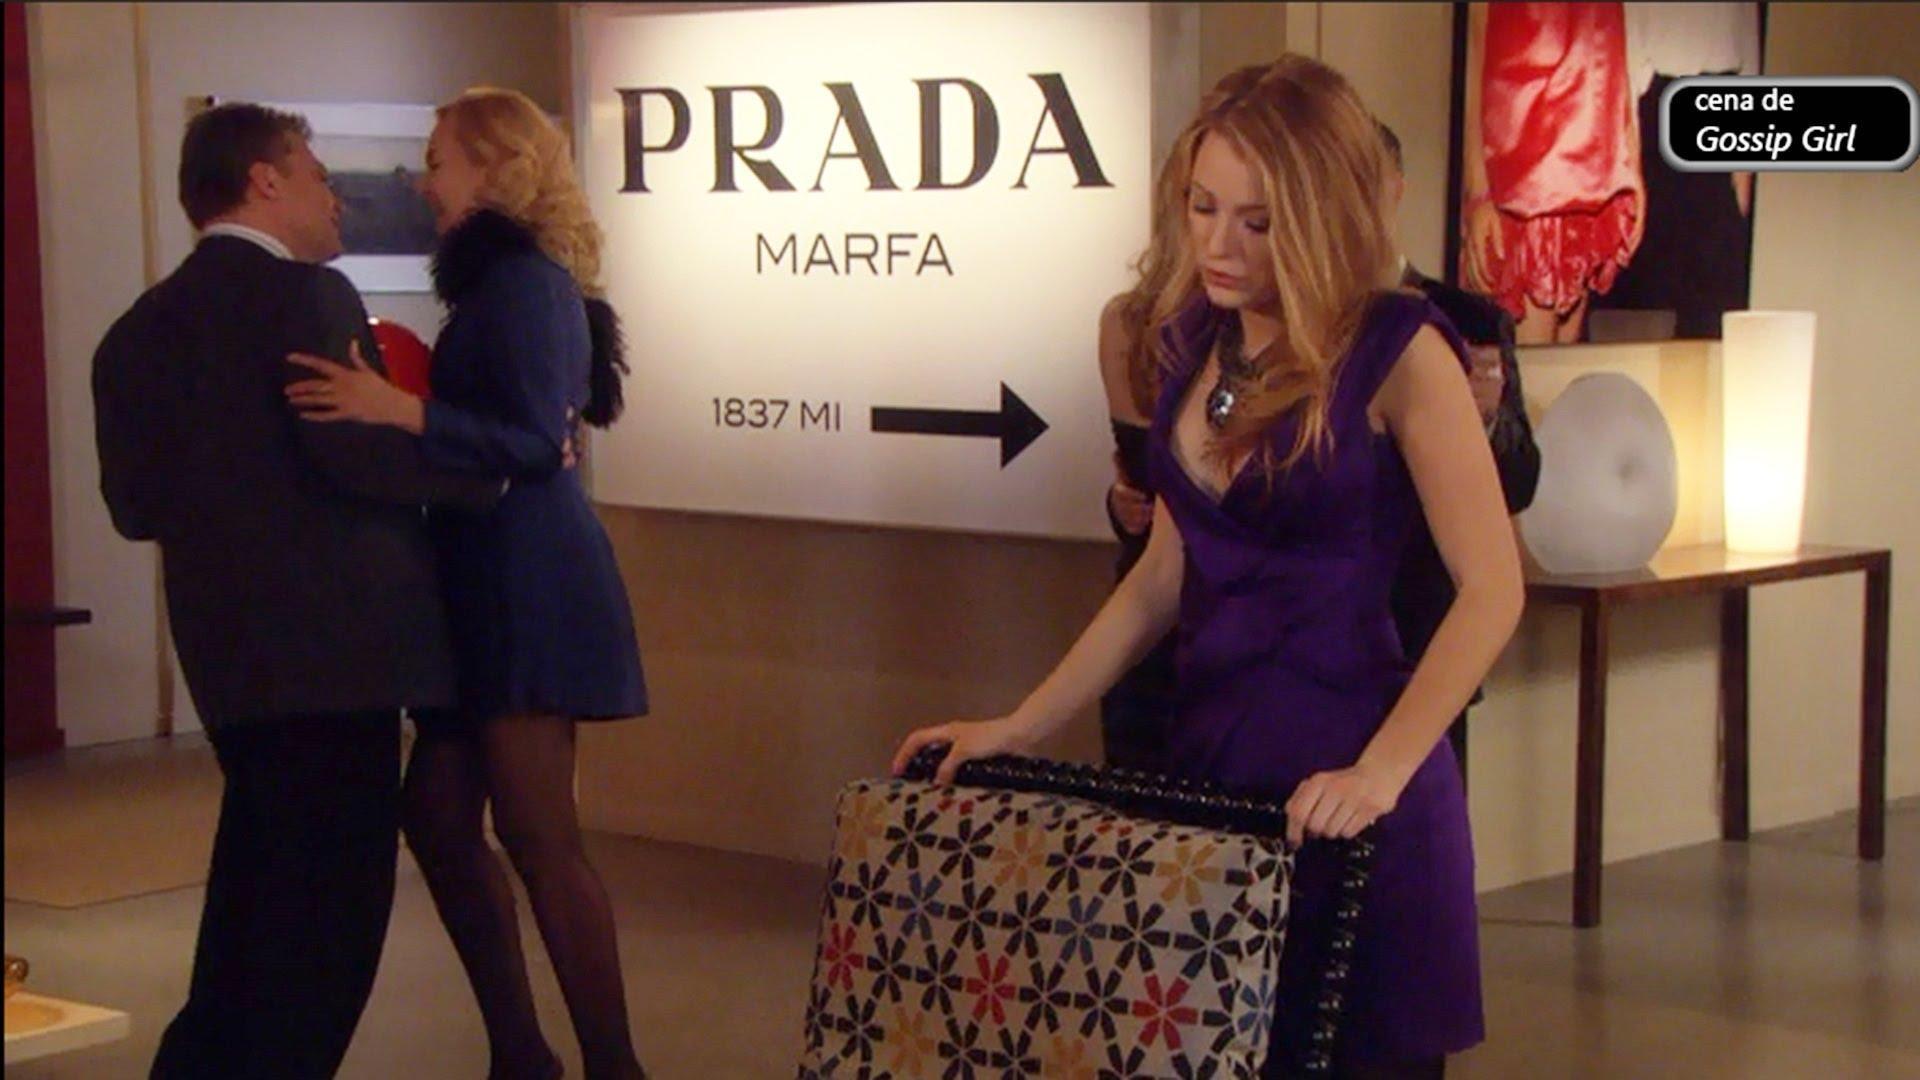 Gossip Girl – Prada Marfa Wall Art Diy – Youtube Intended For Prada Marfa Wall Art (Image 3 of 20)